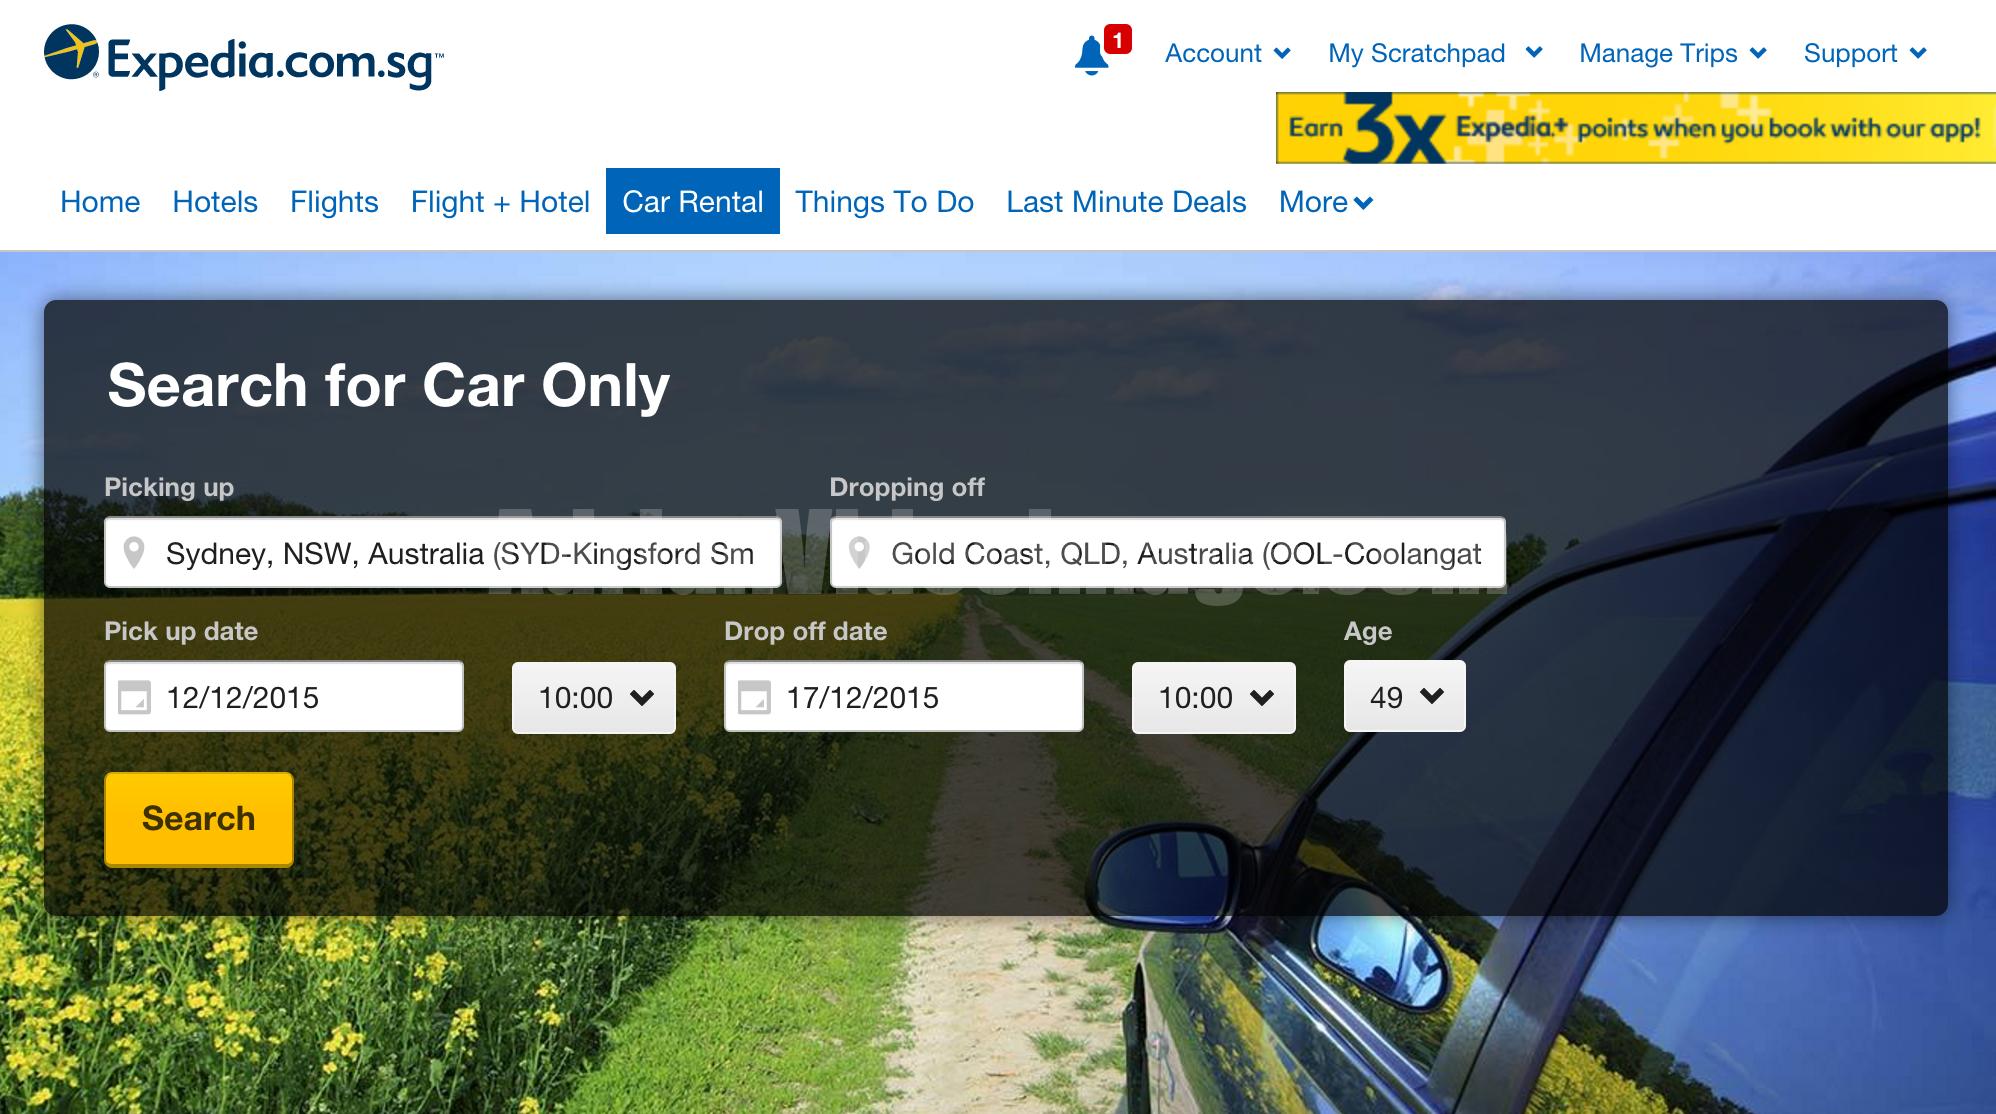 Expedia.com.sg Car Rental